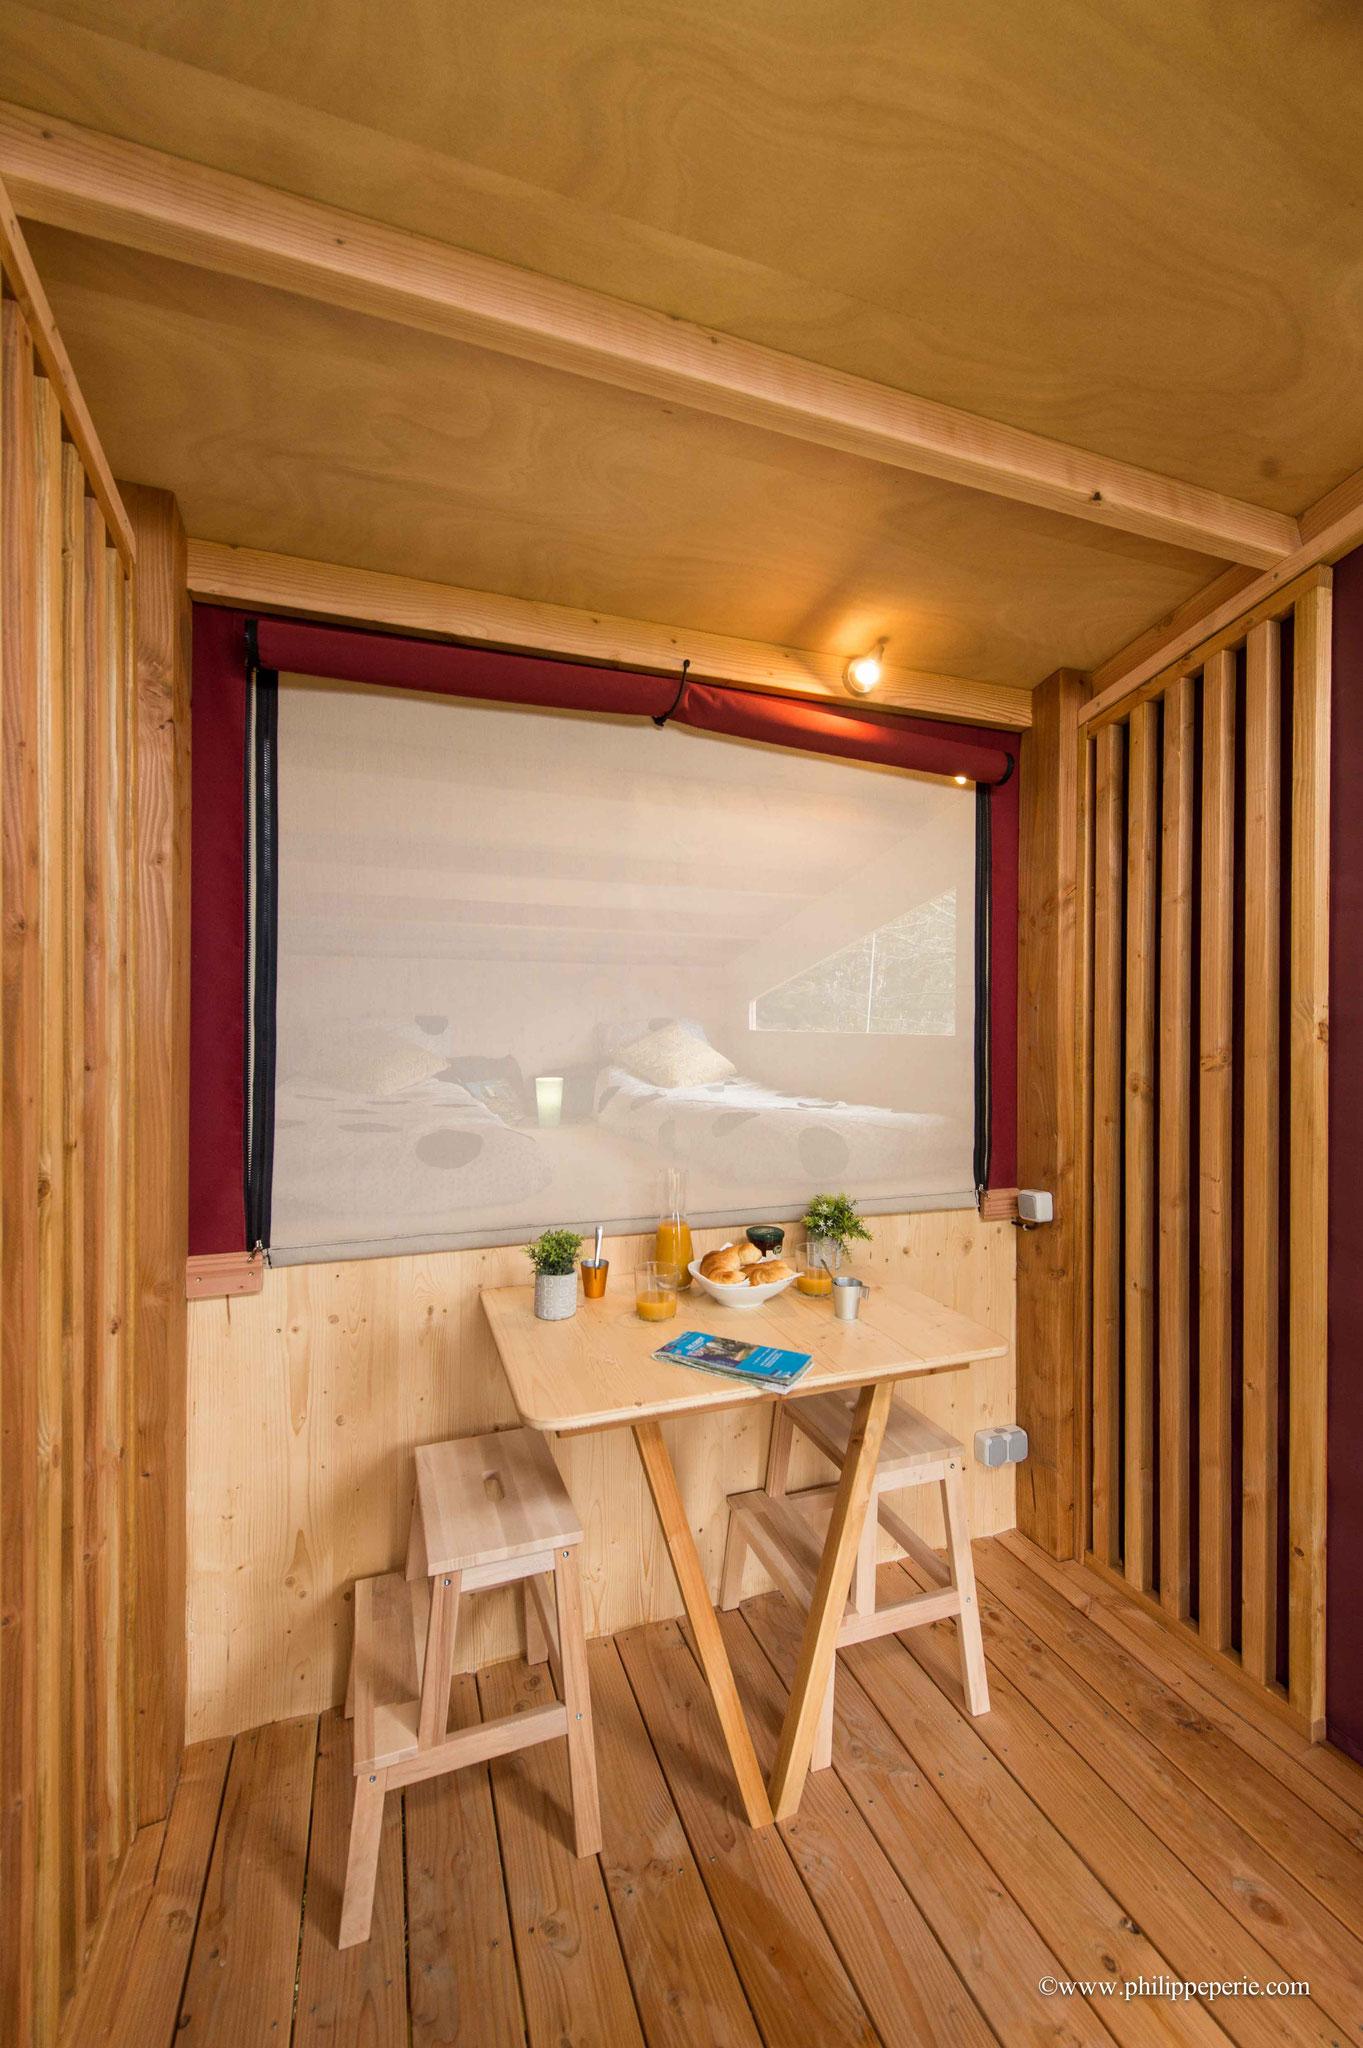 Photo non contractuelle, nos lodges sont vitrées, avec porte et fenêtre